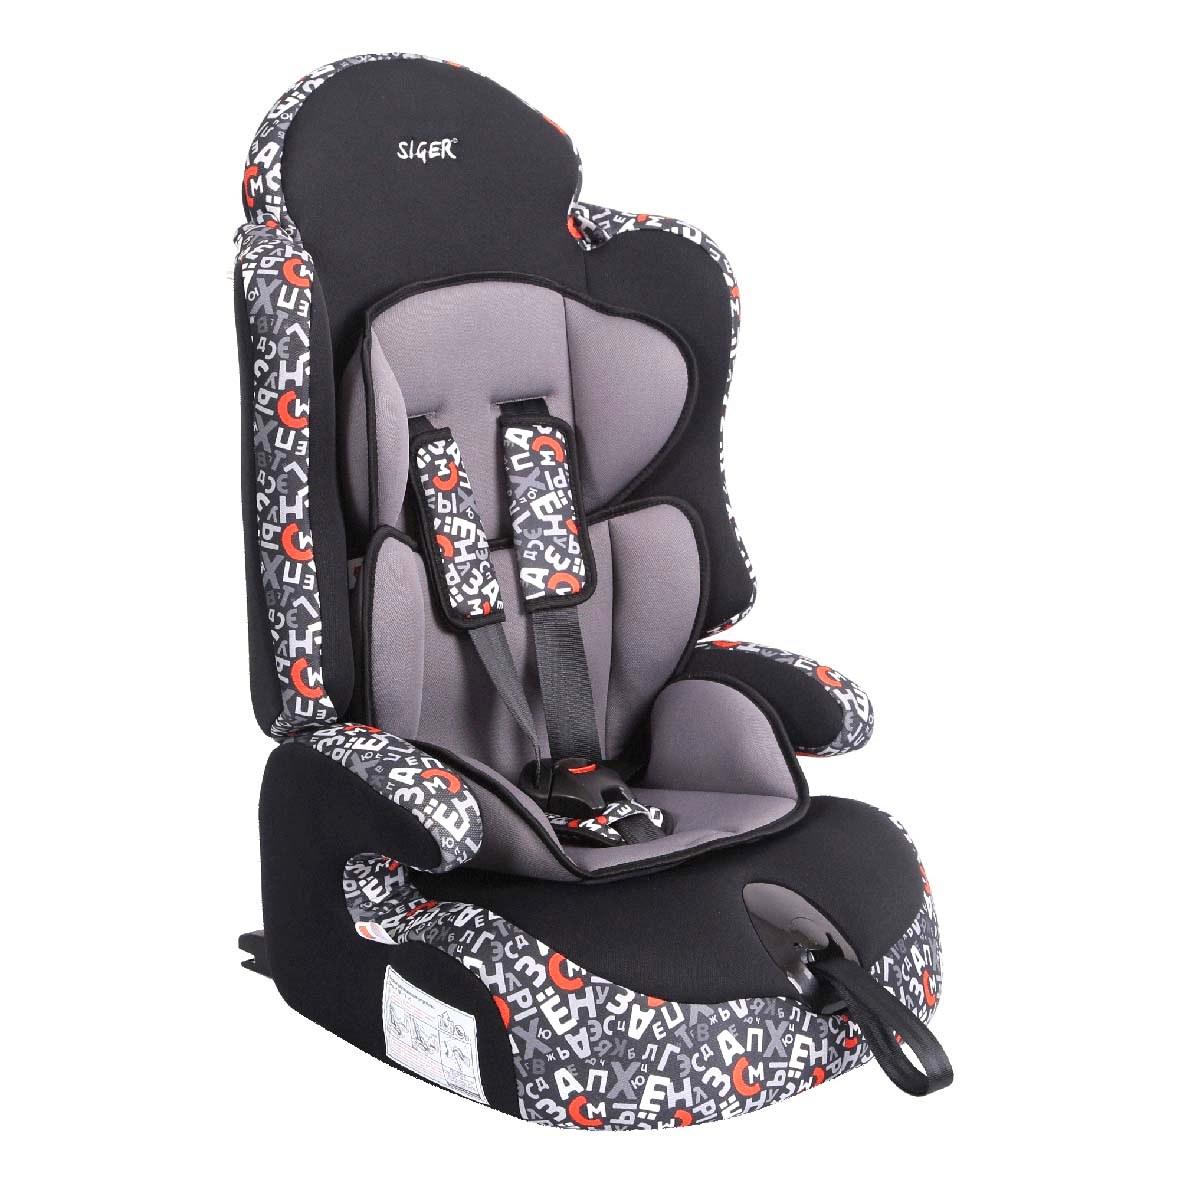 Кресло детское автомобильное SigerДетские автокресла<br>Группа: 0/1 (до 18 кг),<br>Бустер: есть,<br>Крепление Isofix: есть,<br>Внутренние ремни: есть,<br>Способ установки: лицом вперед,<br>Регулировка внутренних ремней: есть,<br>Съемный чехол: есть<br>